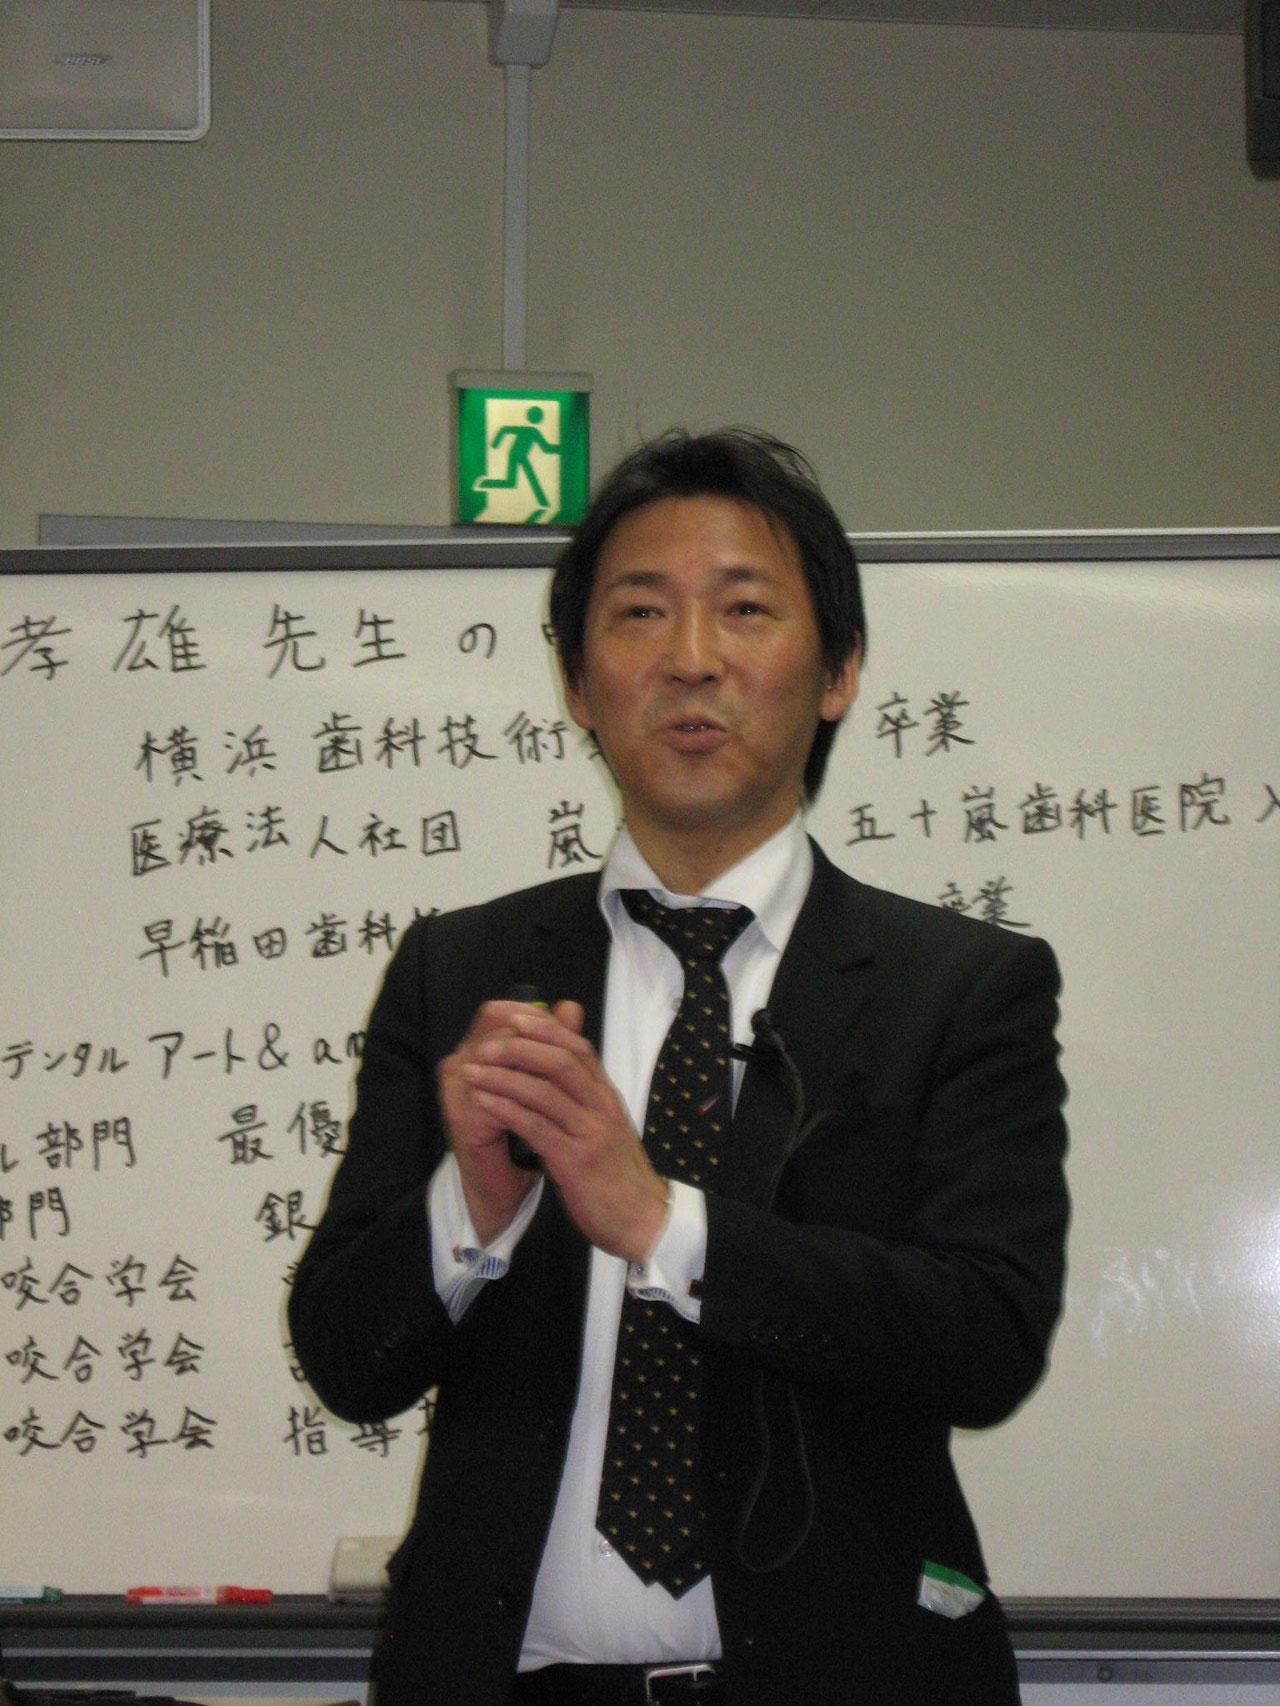 内藤先生による講演